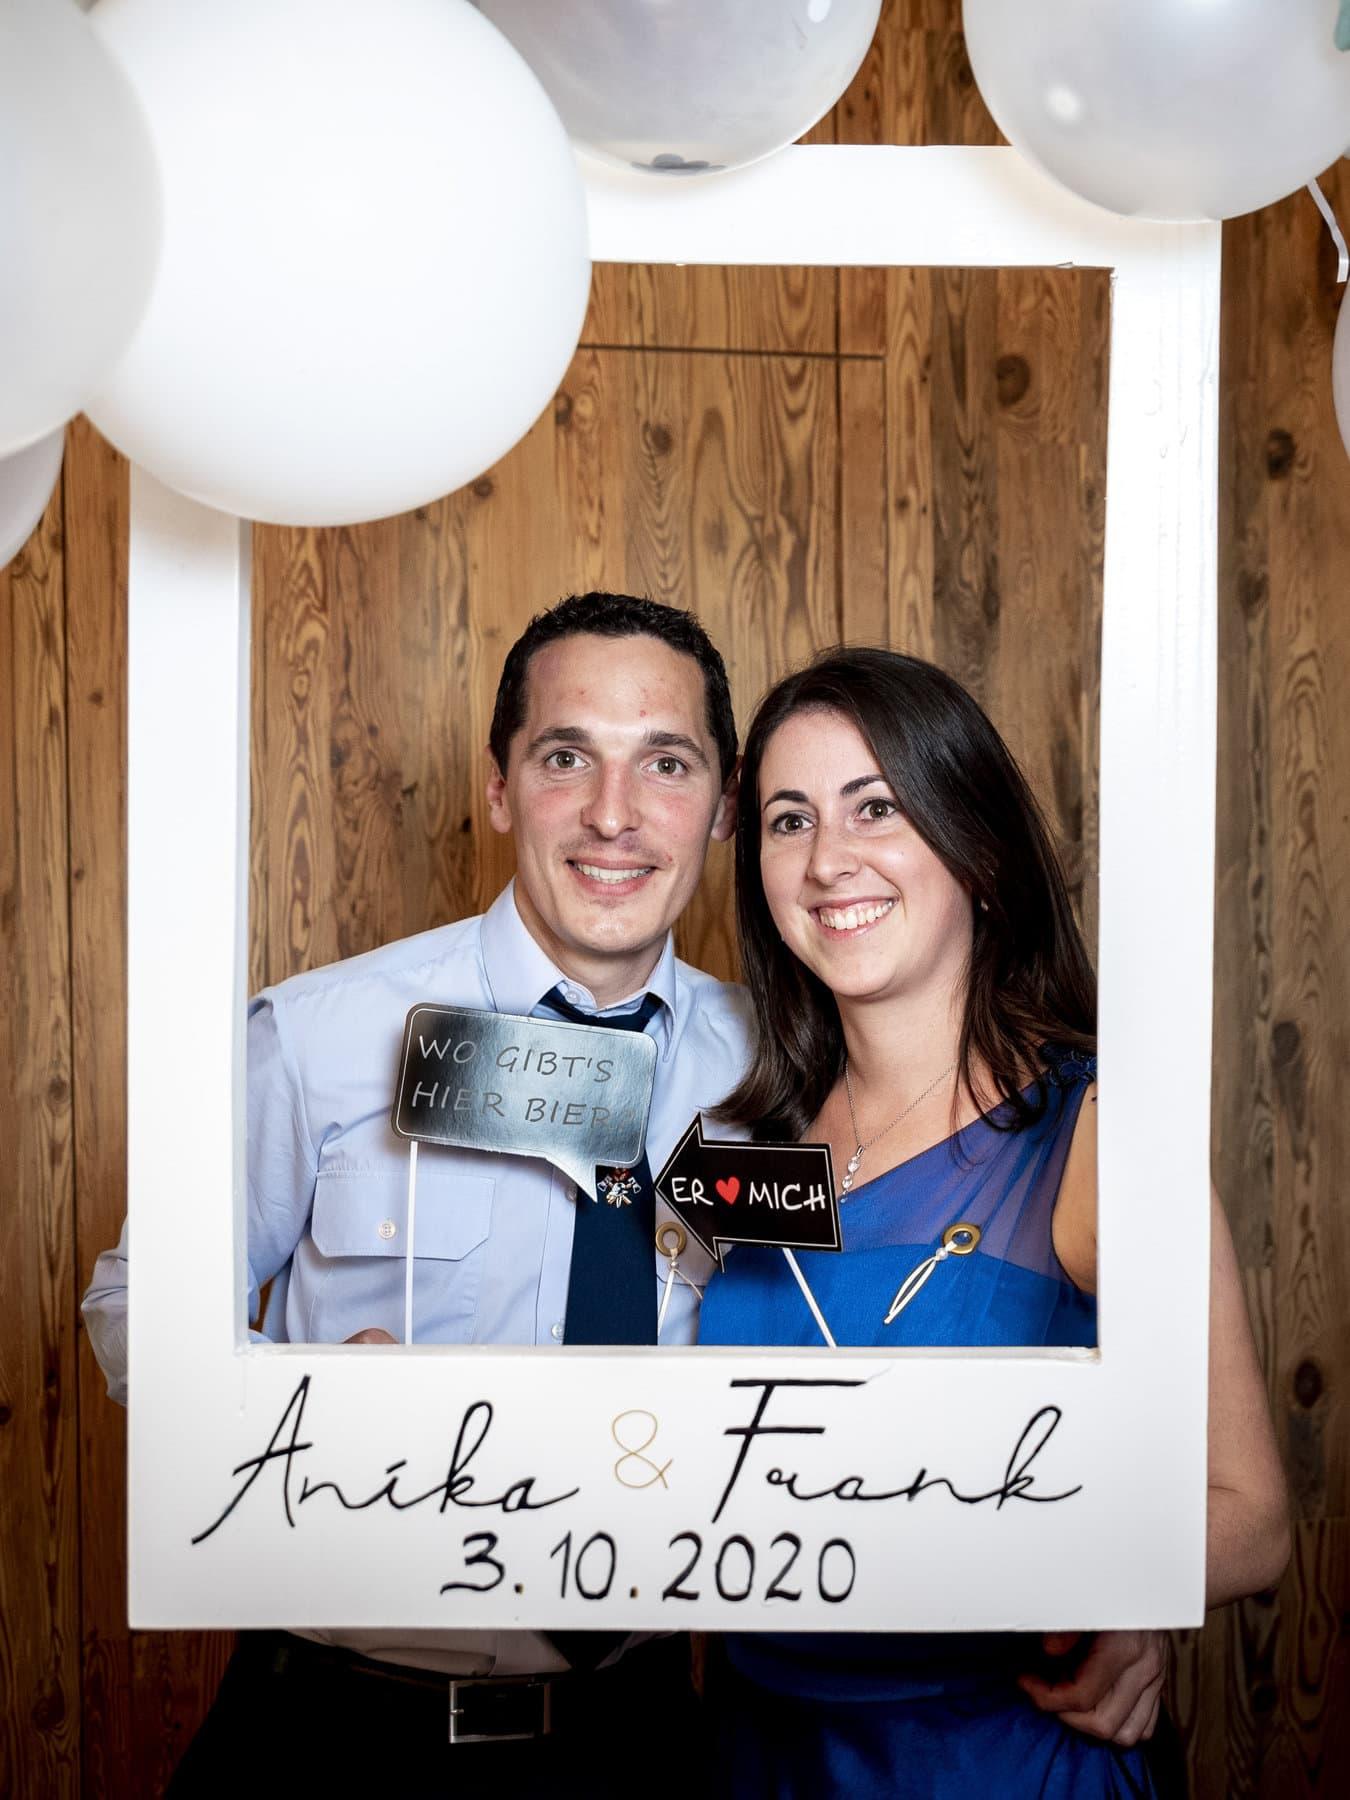 Hochzeitsgäste in der Fotobox